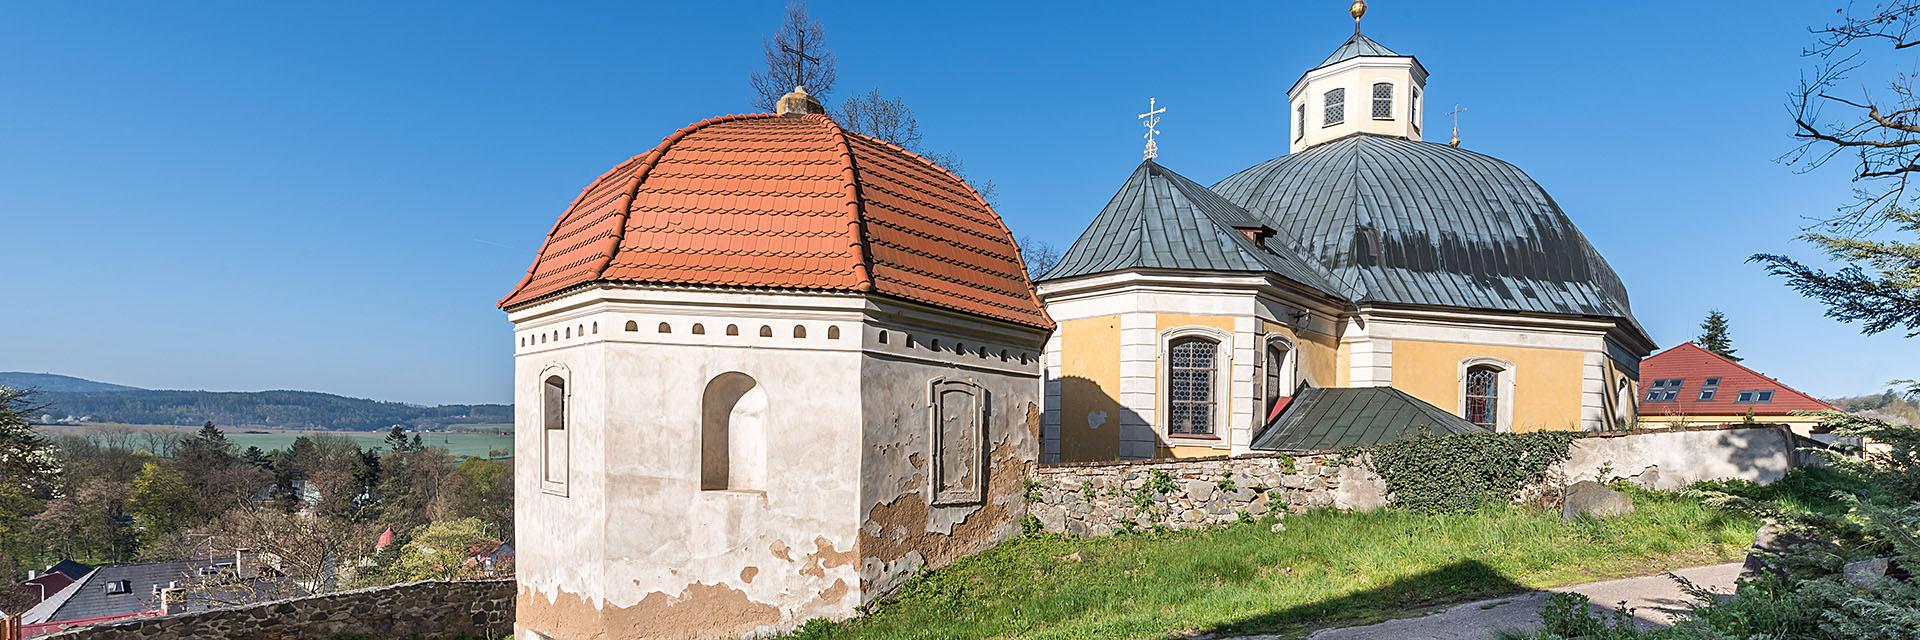 kostel ve Slapech / fotografování architektury / fotograf Vojtěch Pavelčík